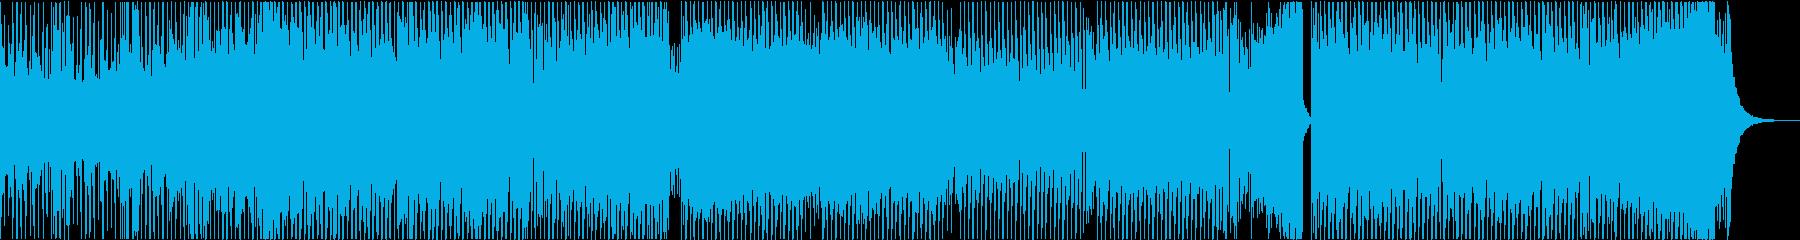 EDM 勇気 元気 凛々しい 爽快 激走の再生済みの波形